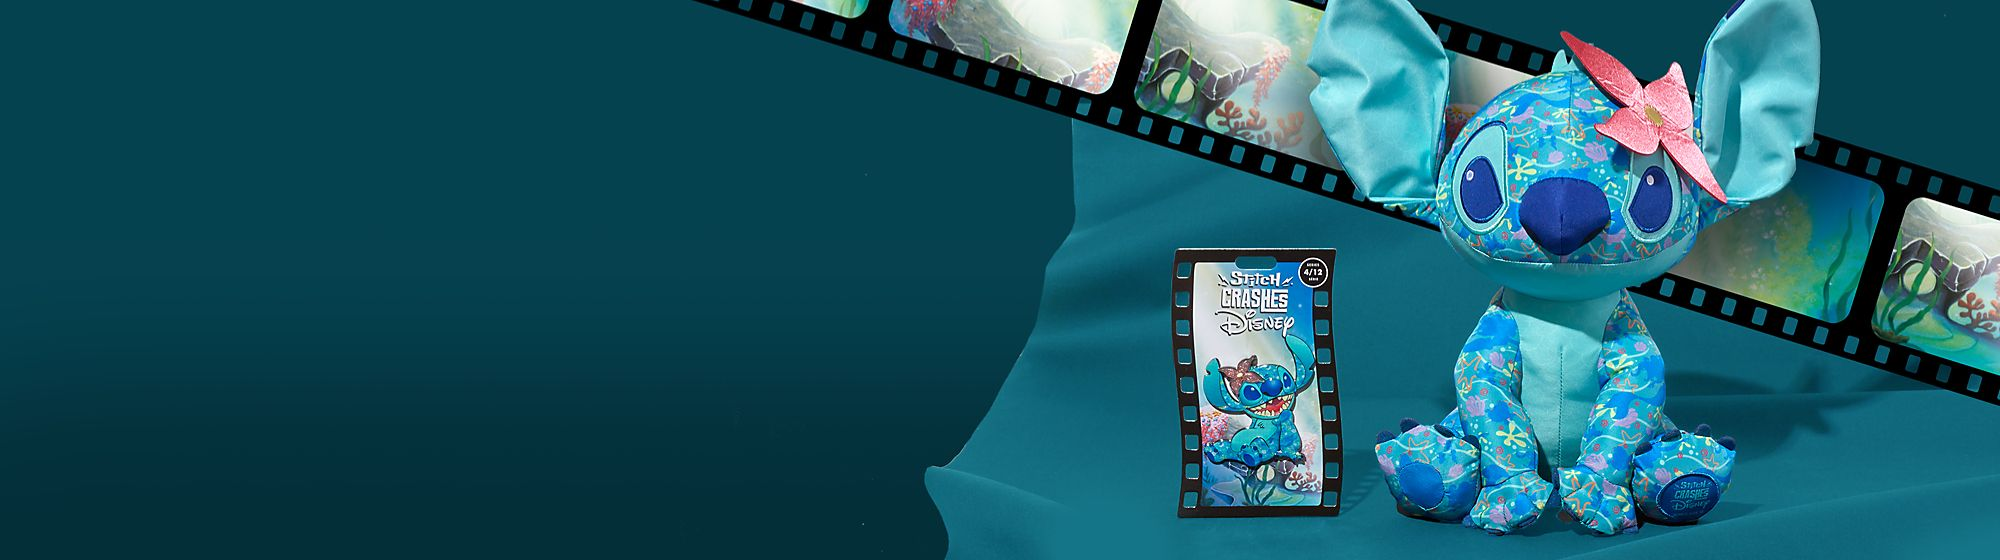 Stitch Crashes La Sirenetta Colleziona questa Edizione Limitata di pin e peluche, serie 4 di 12 In uscita in un secondo momento in primavera